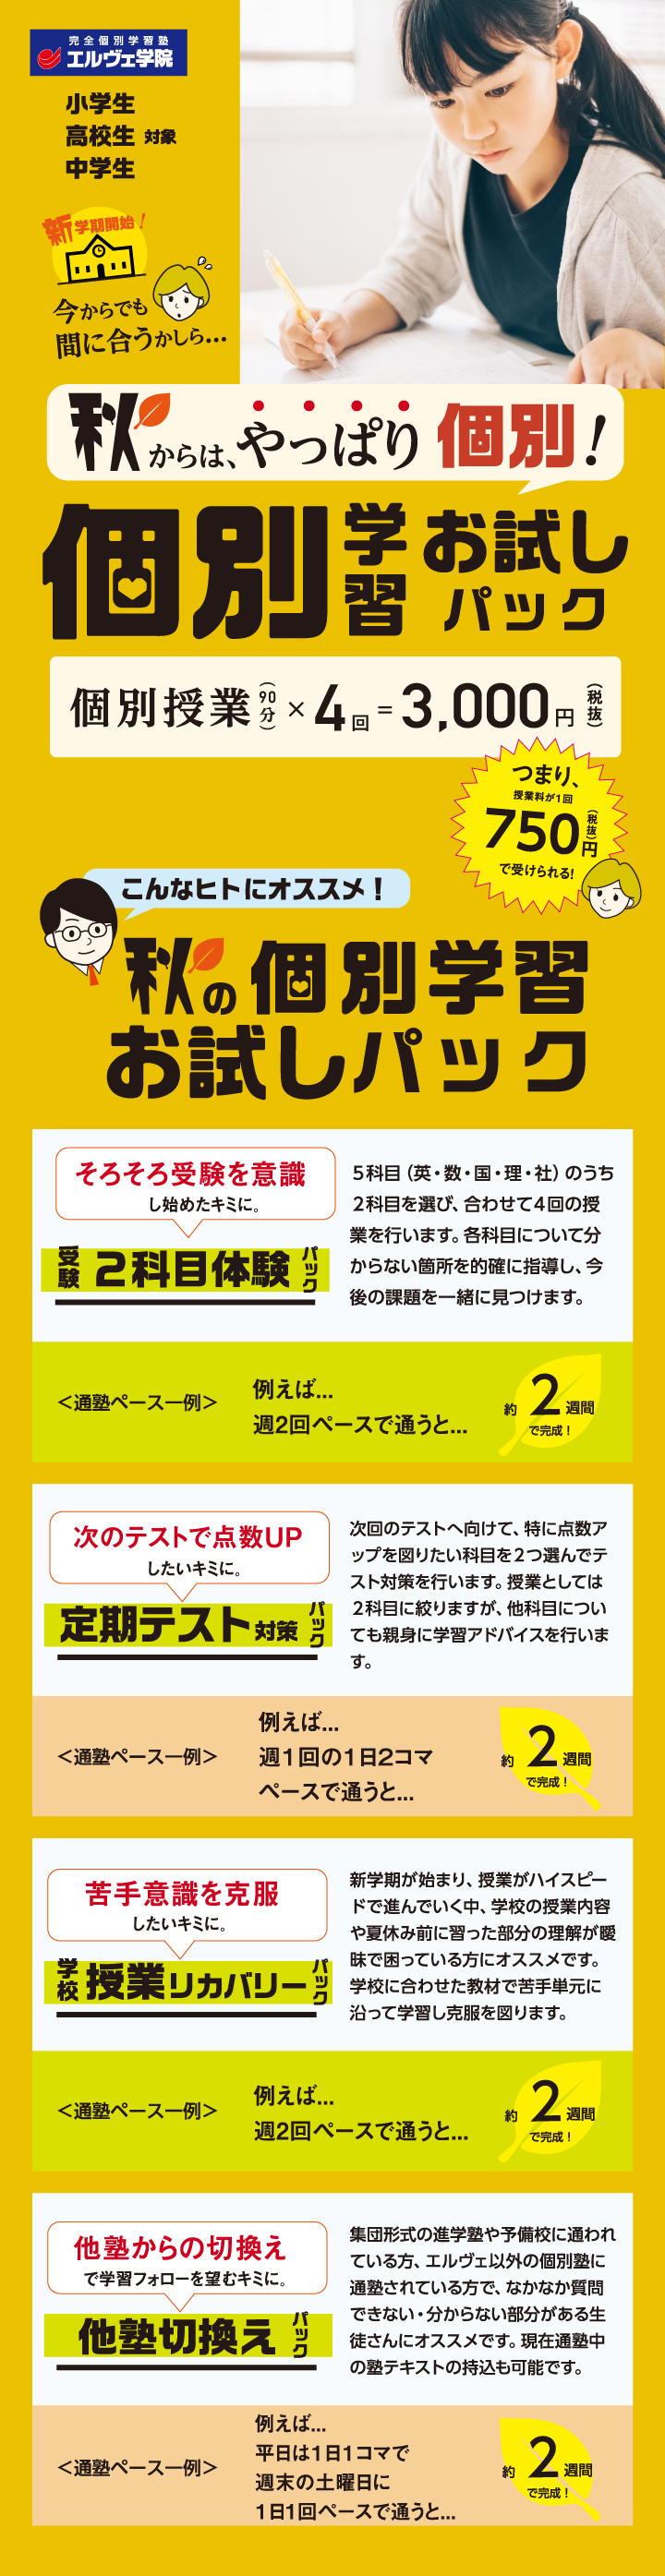 秋の個別学習お試しパック/個別授業(90分)×4回=3,000円(税抜)